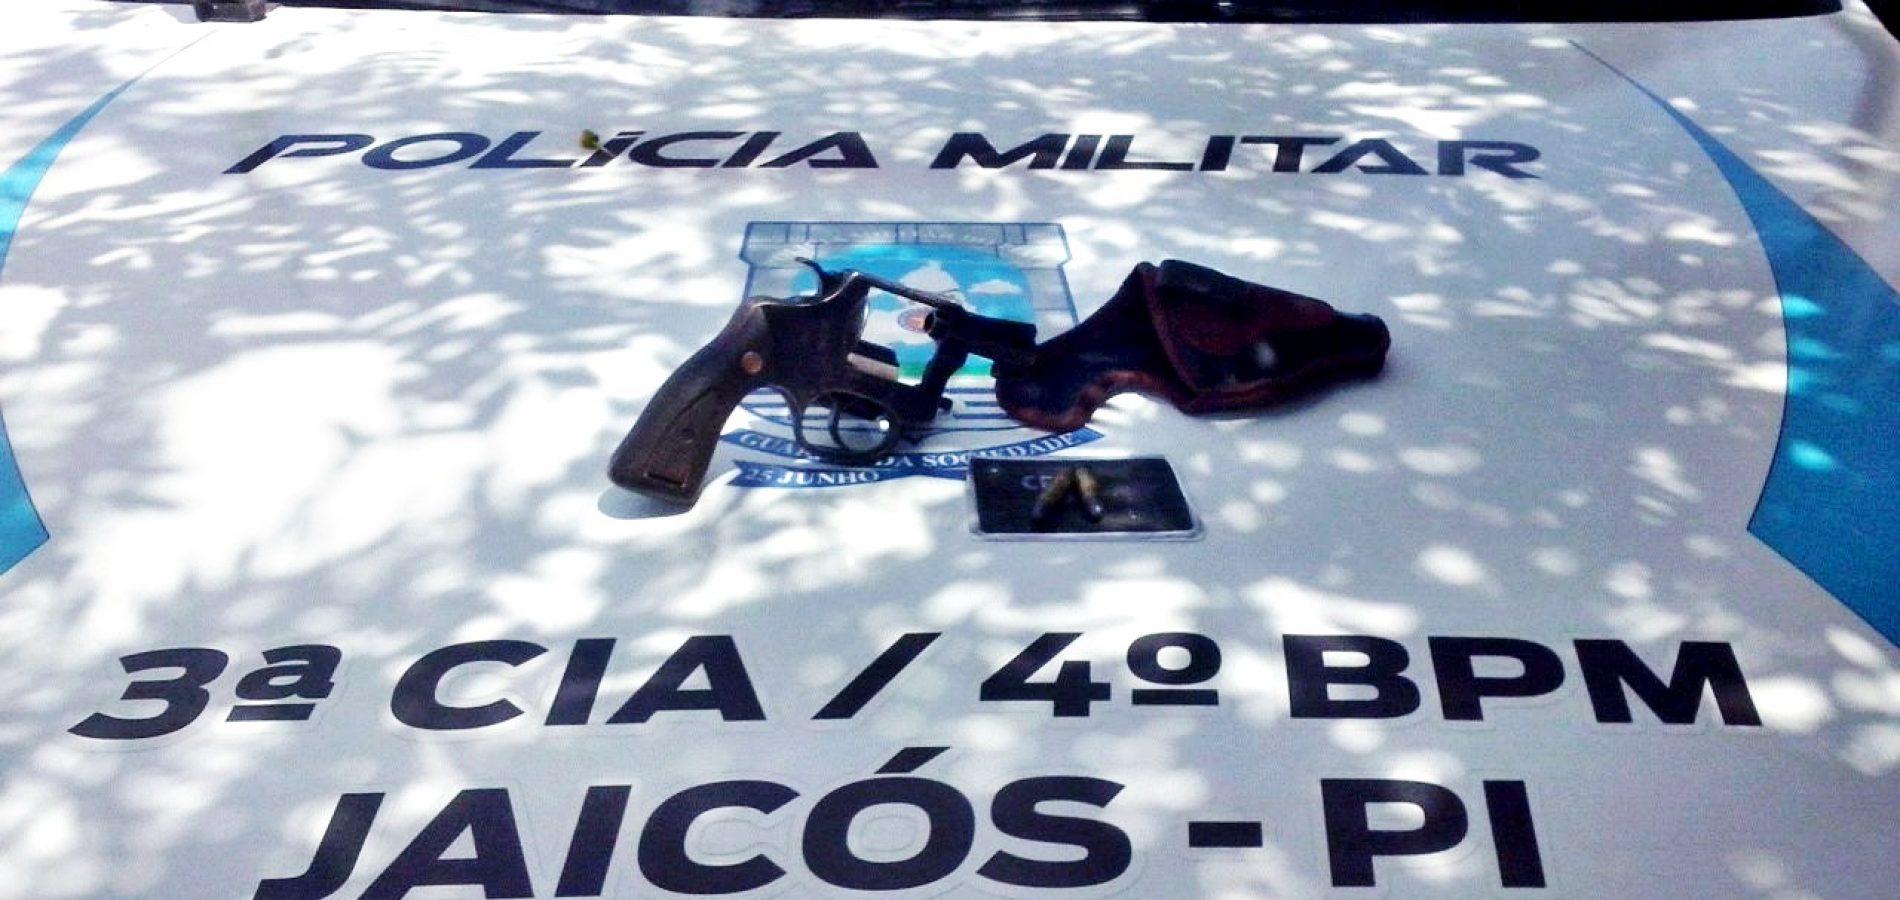 Polícia Militar prende homem armado em Jaicós